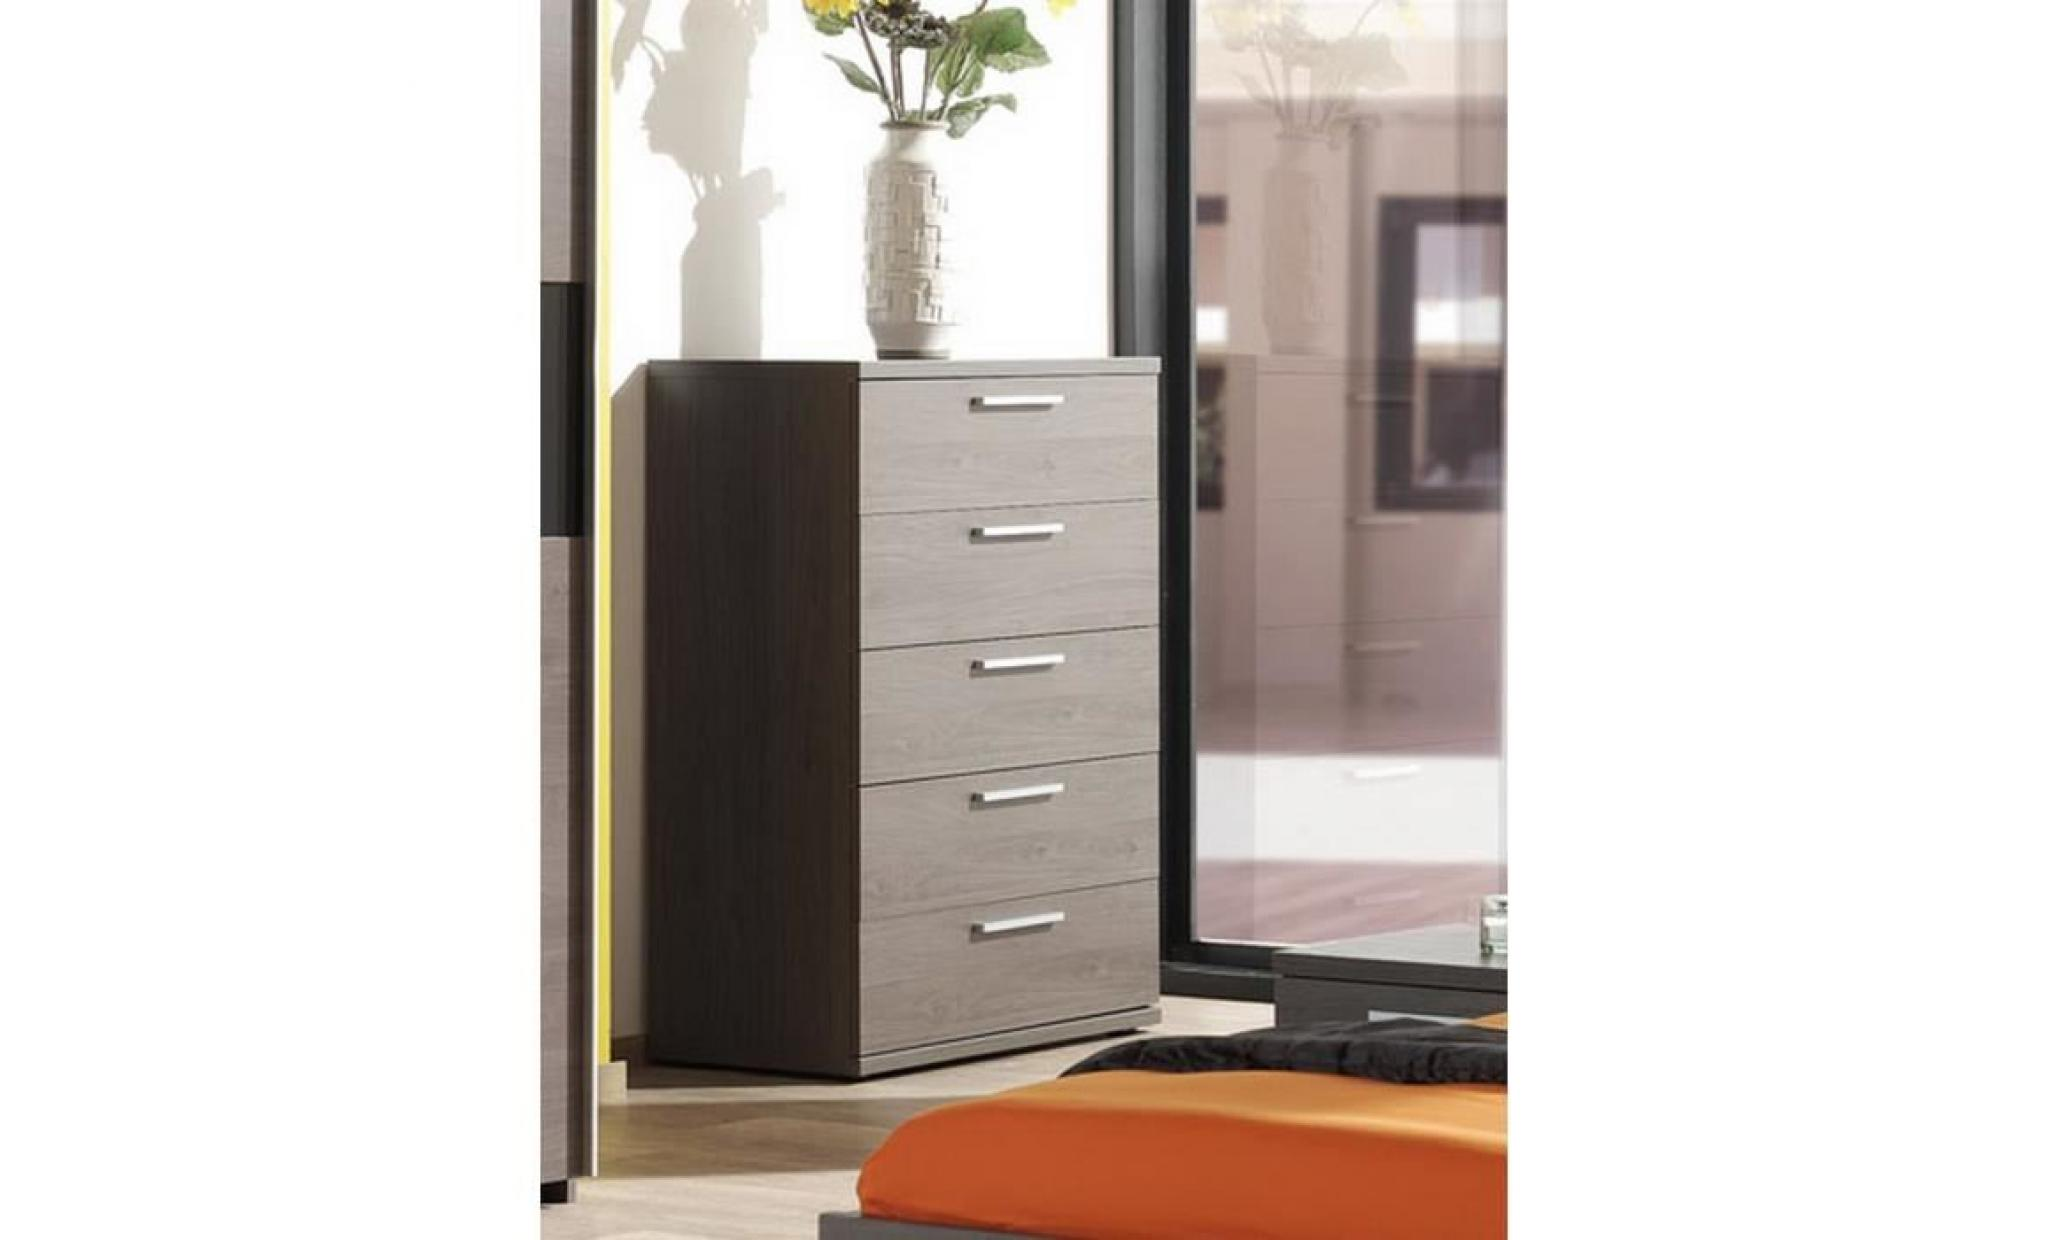 commode adulte couleur ch ne bergerac 5 tiroirs achat vente commode pas cher couleur et. Black Bedroom Furniture Sets. Home Design Ideas